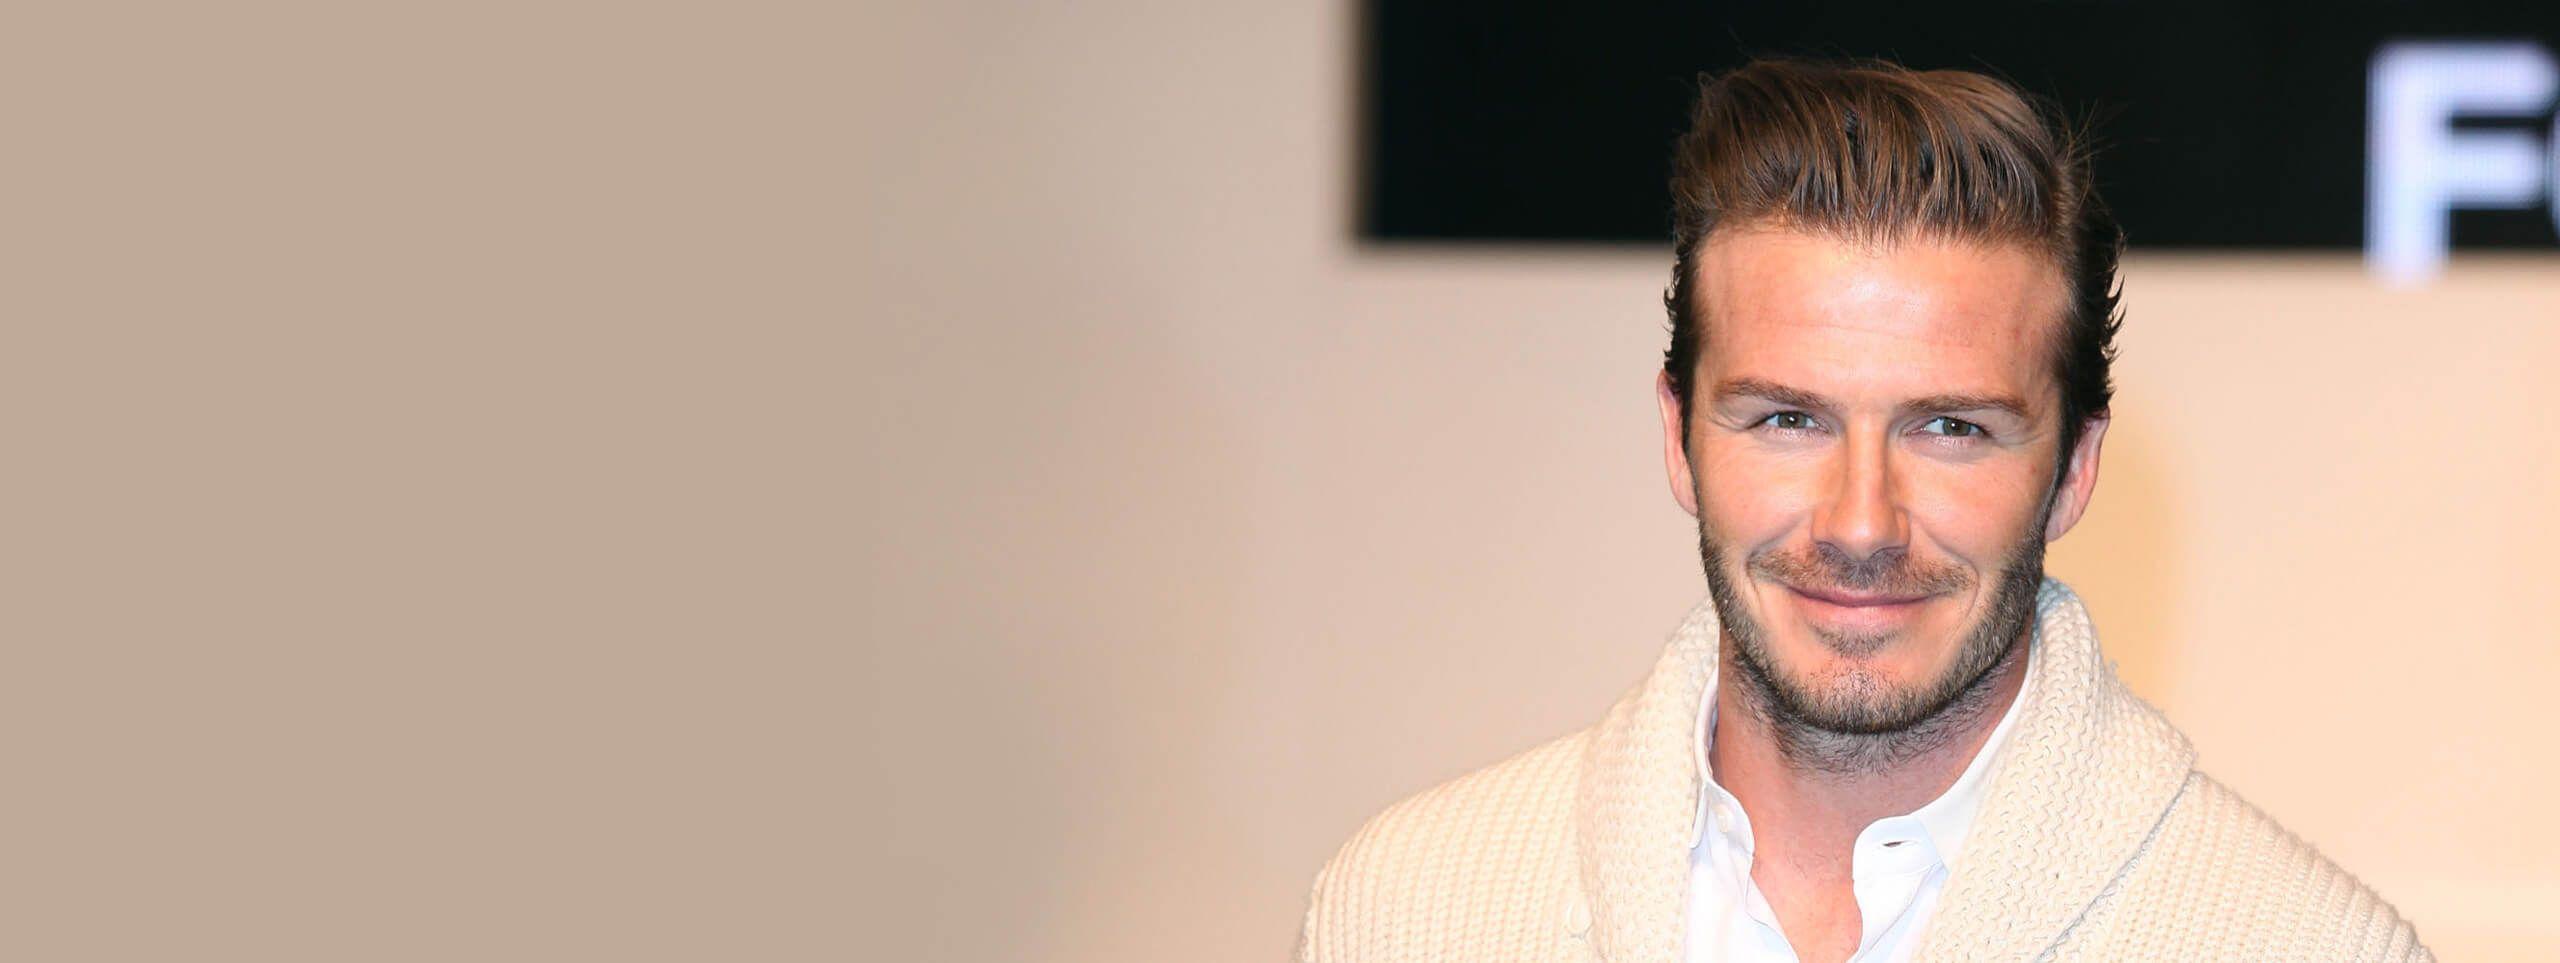 David Beckham élégance masculine